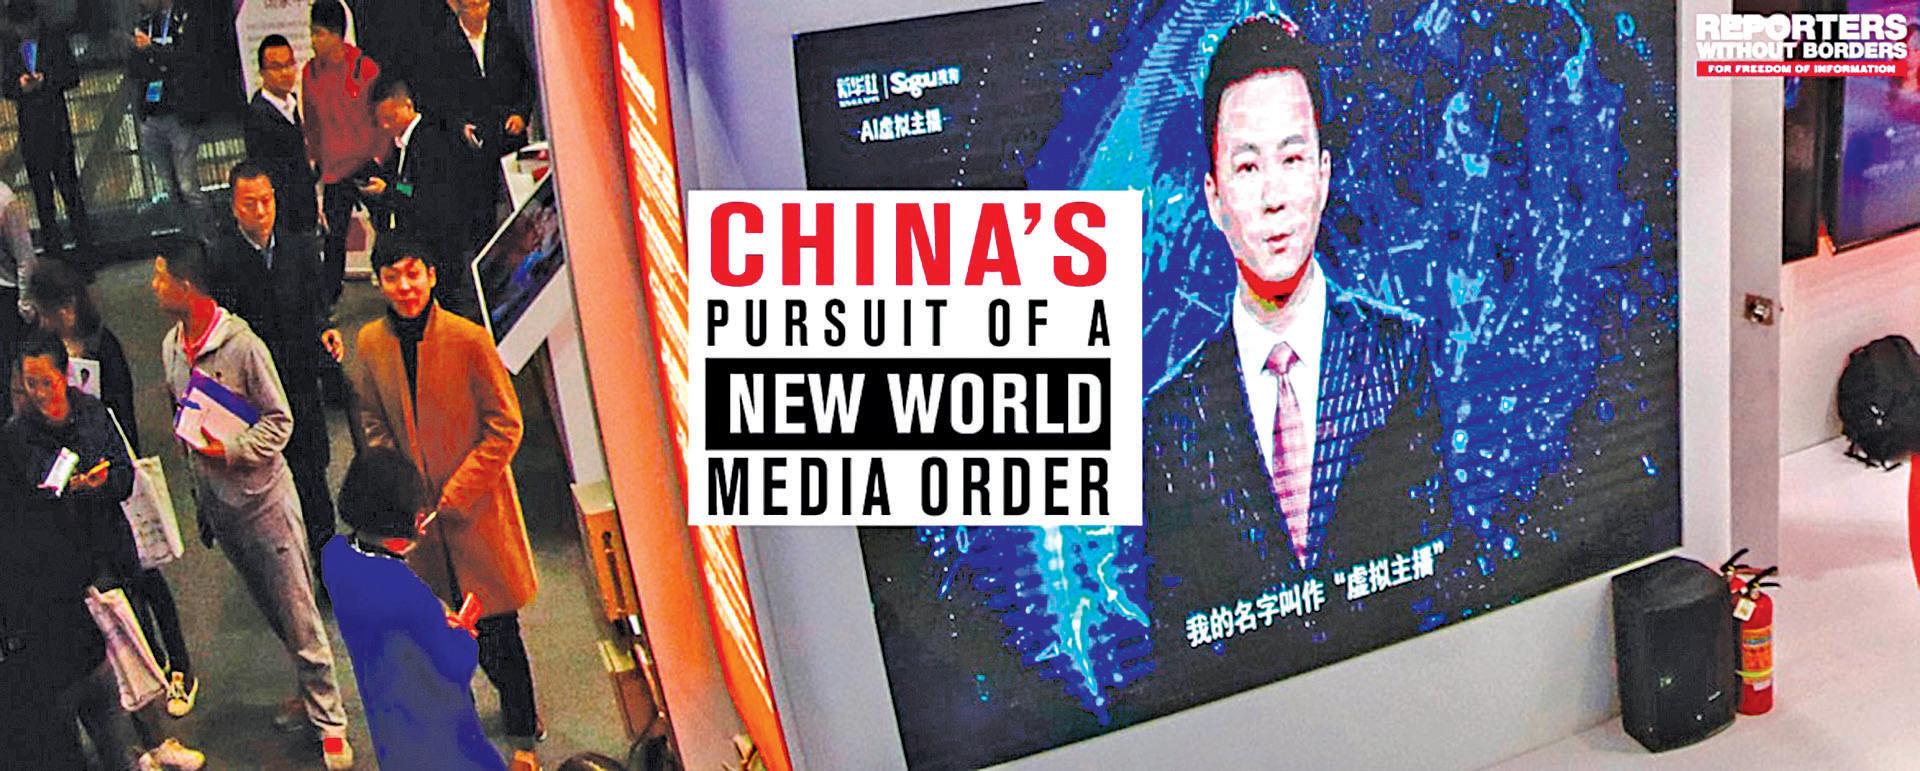 無國界記者組織(RSF)發佈一份新報告,稱中共正試圖在全球範圍內建立「傳媒新秩序」。(RSF)